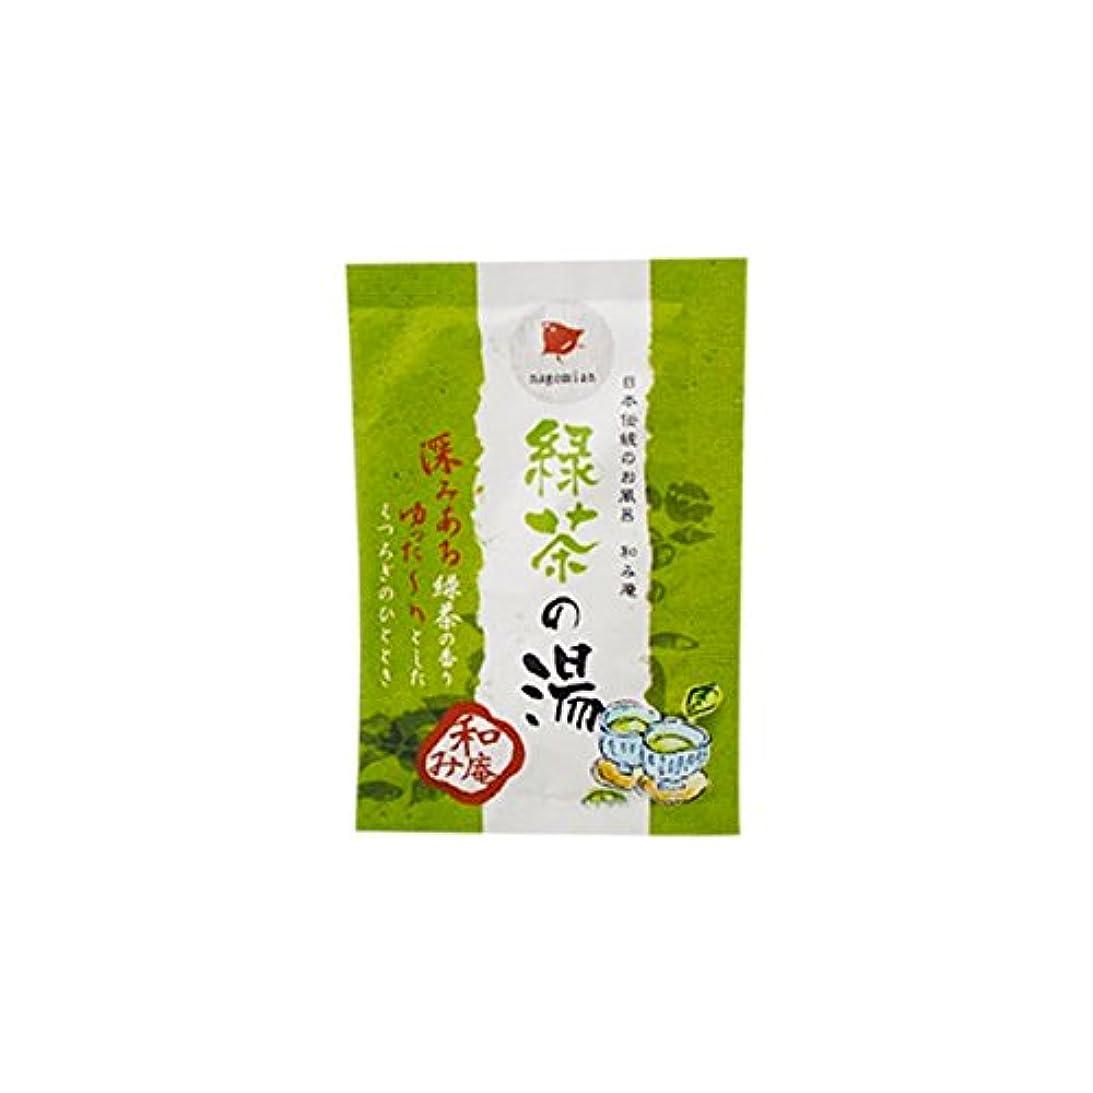 カードレンディションうがい和み庵 入浴剤 「緑茶の湯」30個